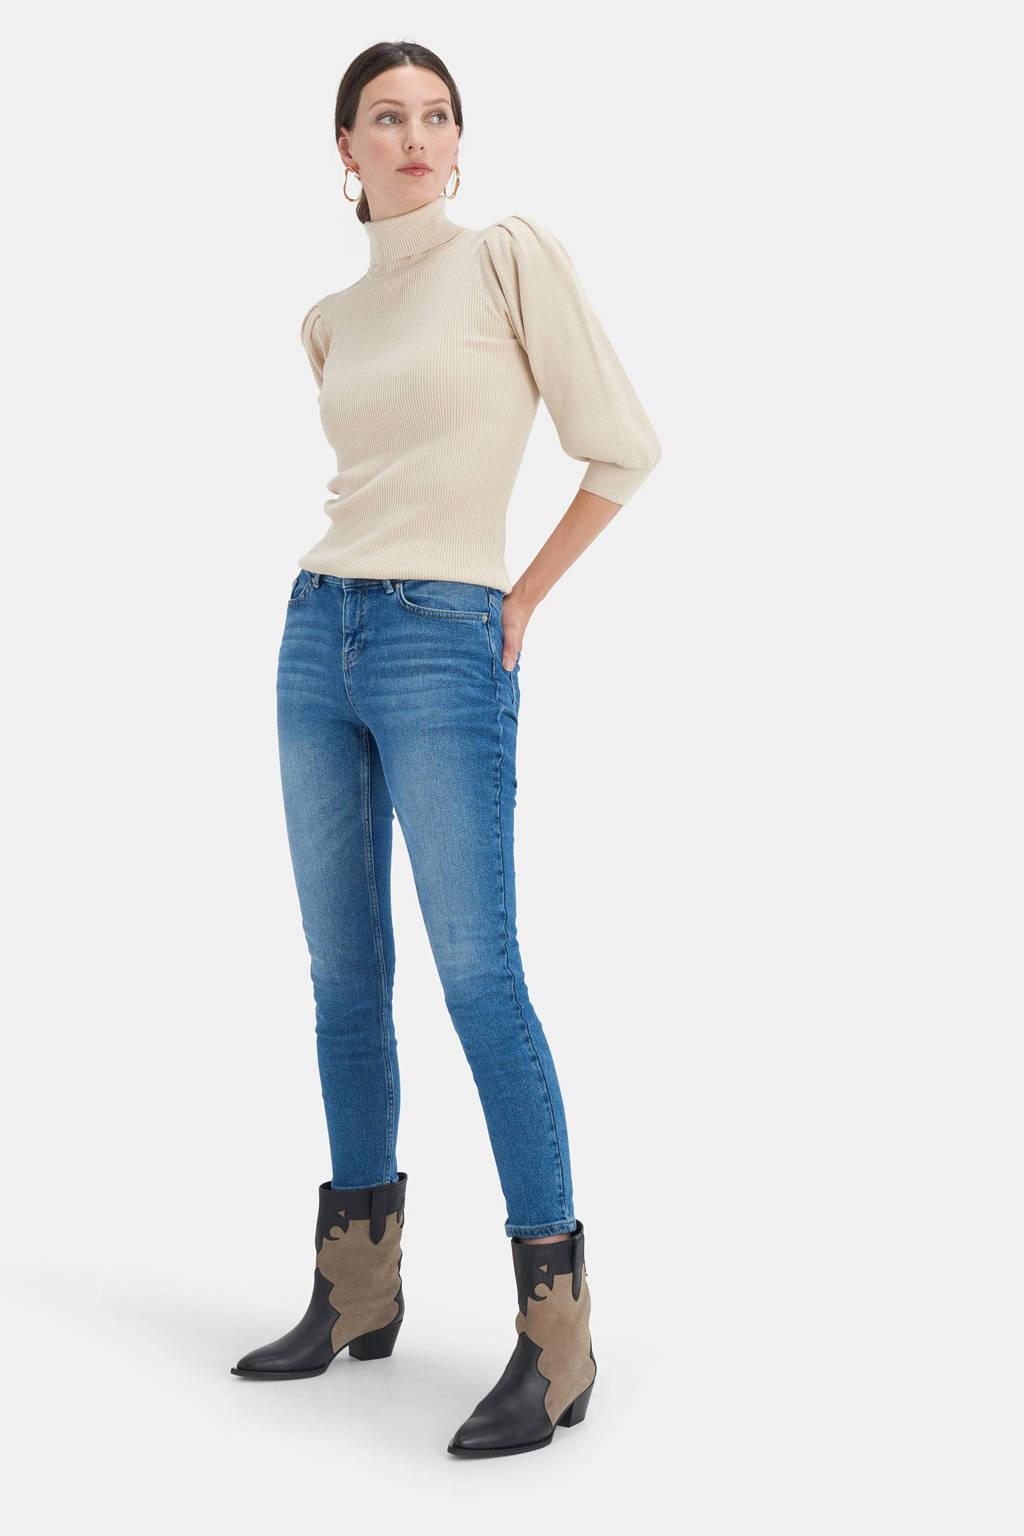 Shoeby Eksept high waist skinny jeans Ametist L28 mediumstone, MEDIUMSTONE